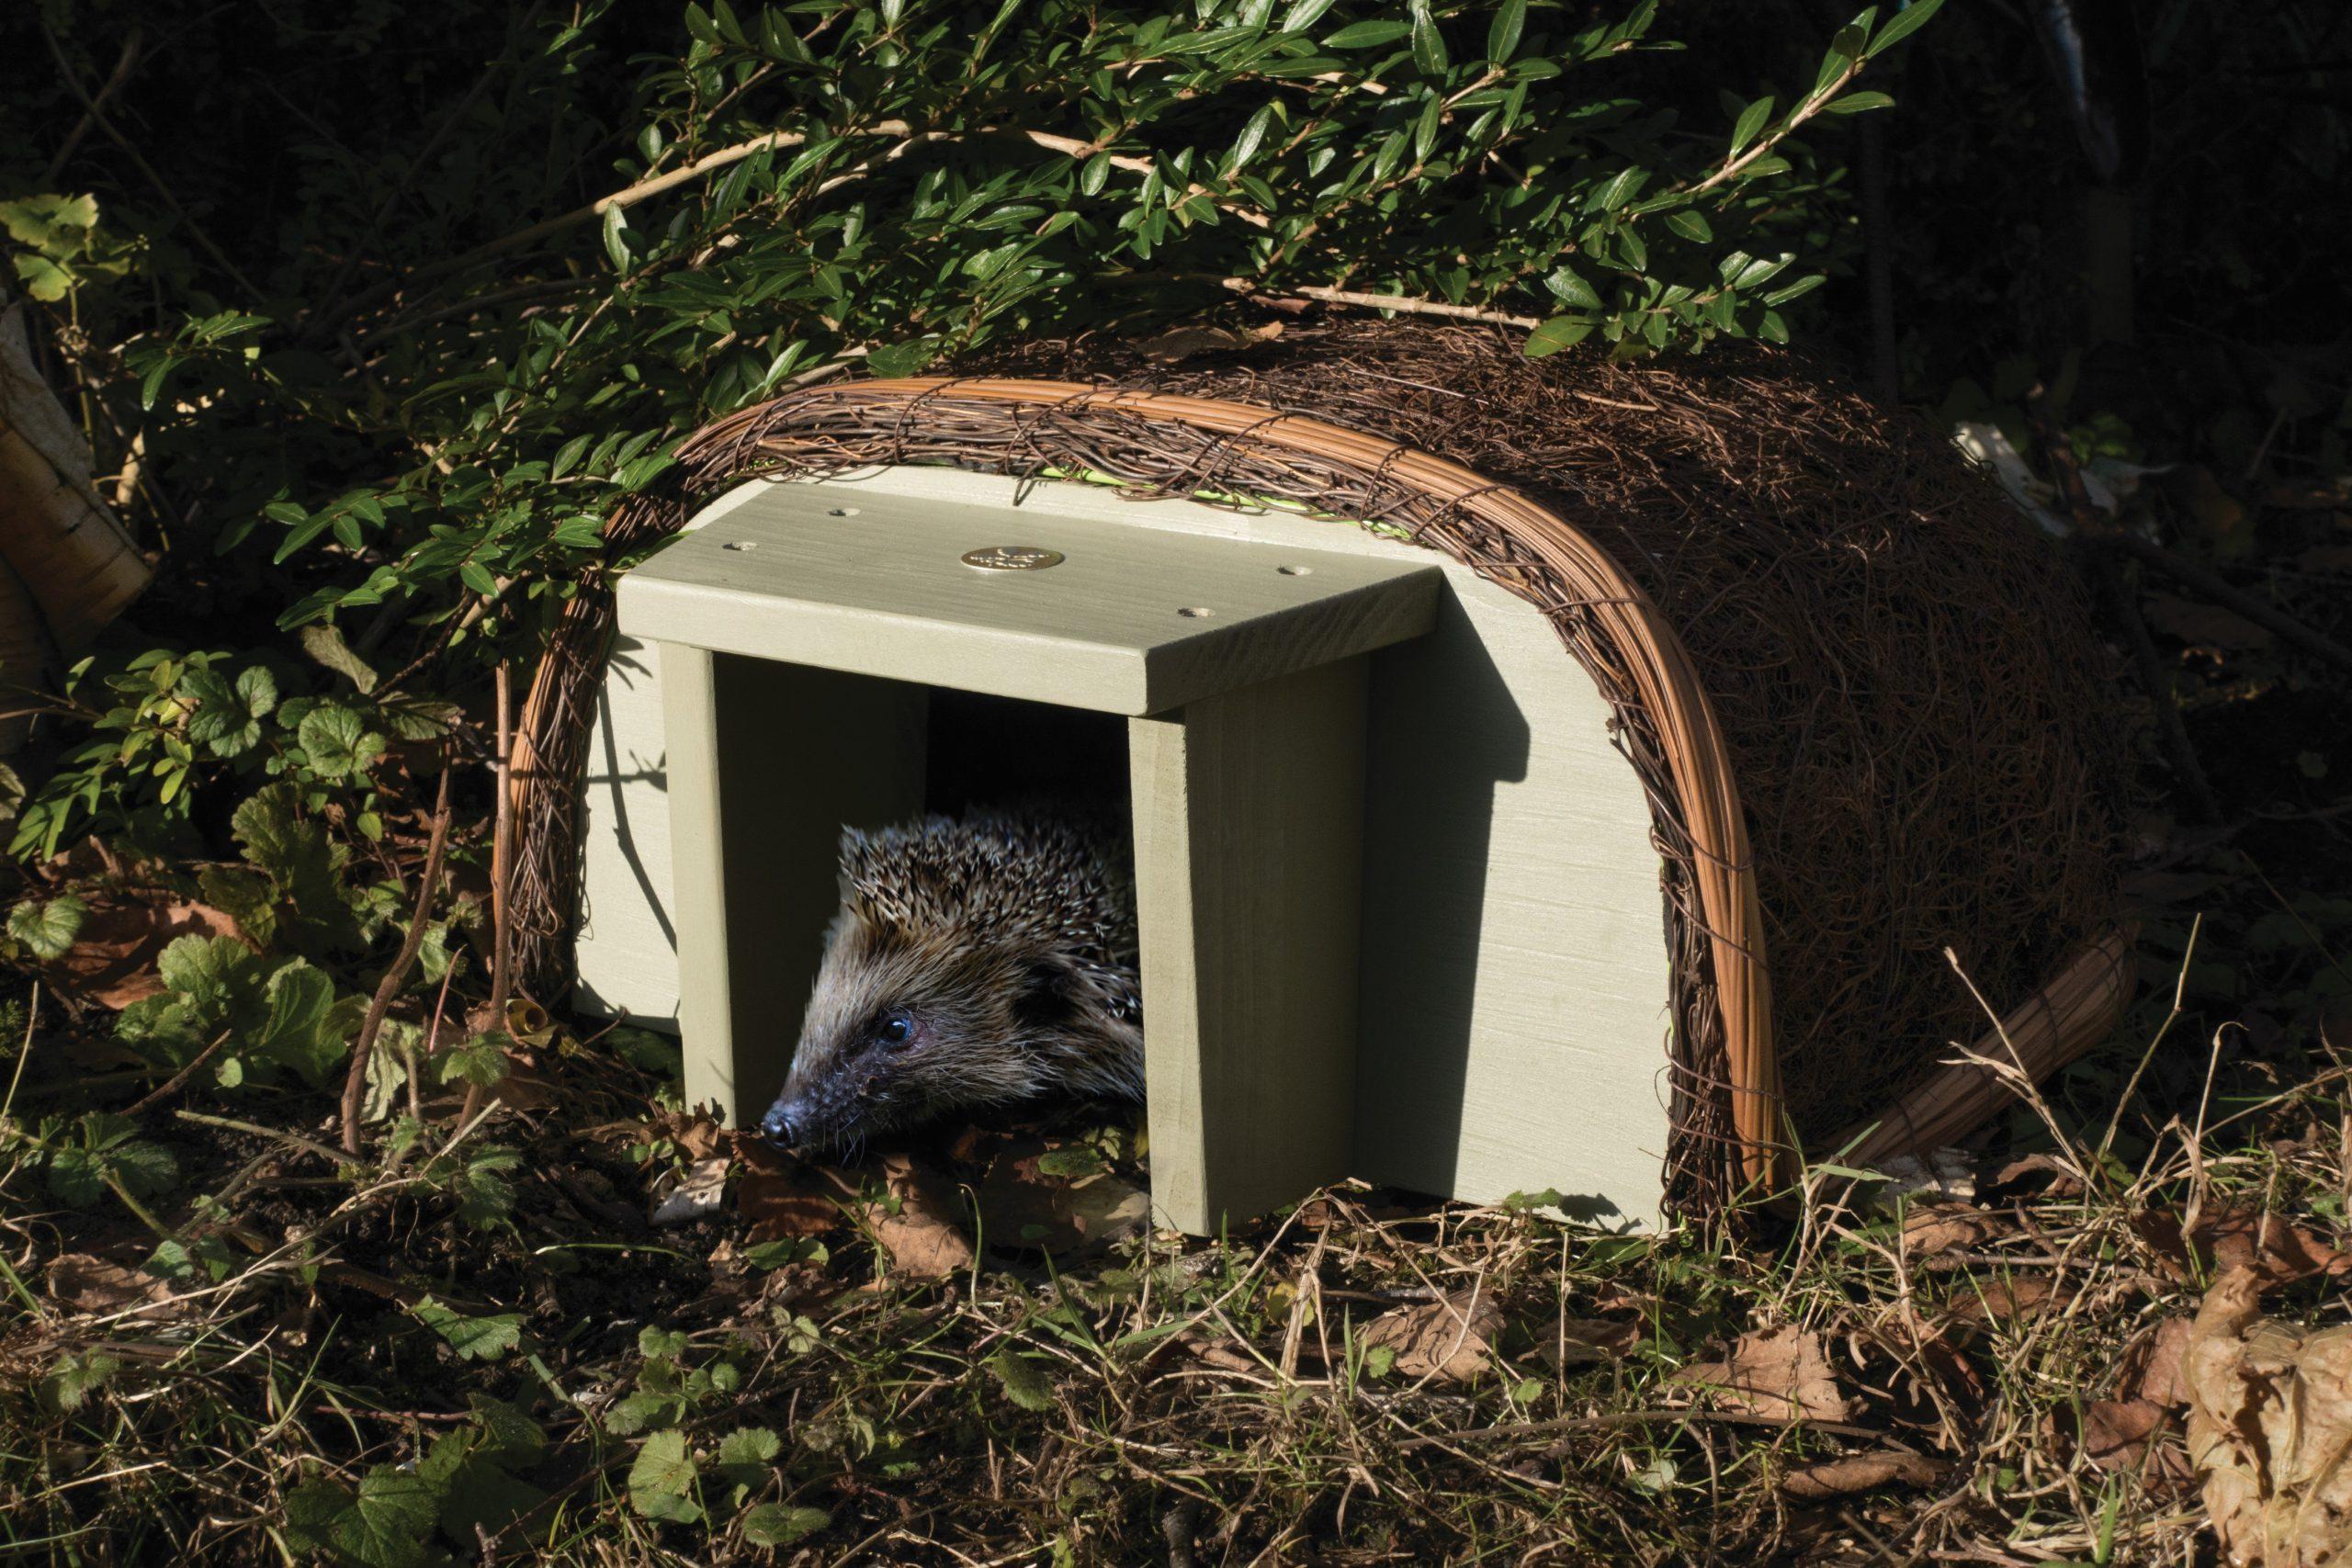 Wildlife Maison À Hérisson Entrée En Bois Abris Pour ... destiné Maison Pour Herisson Jardin